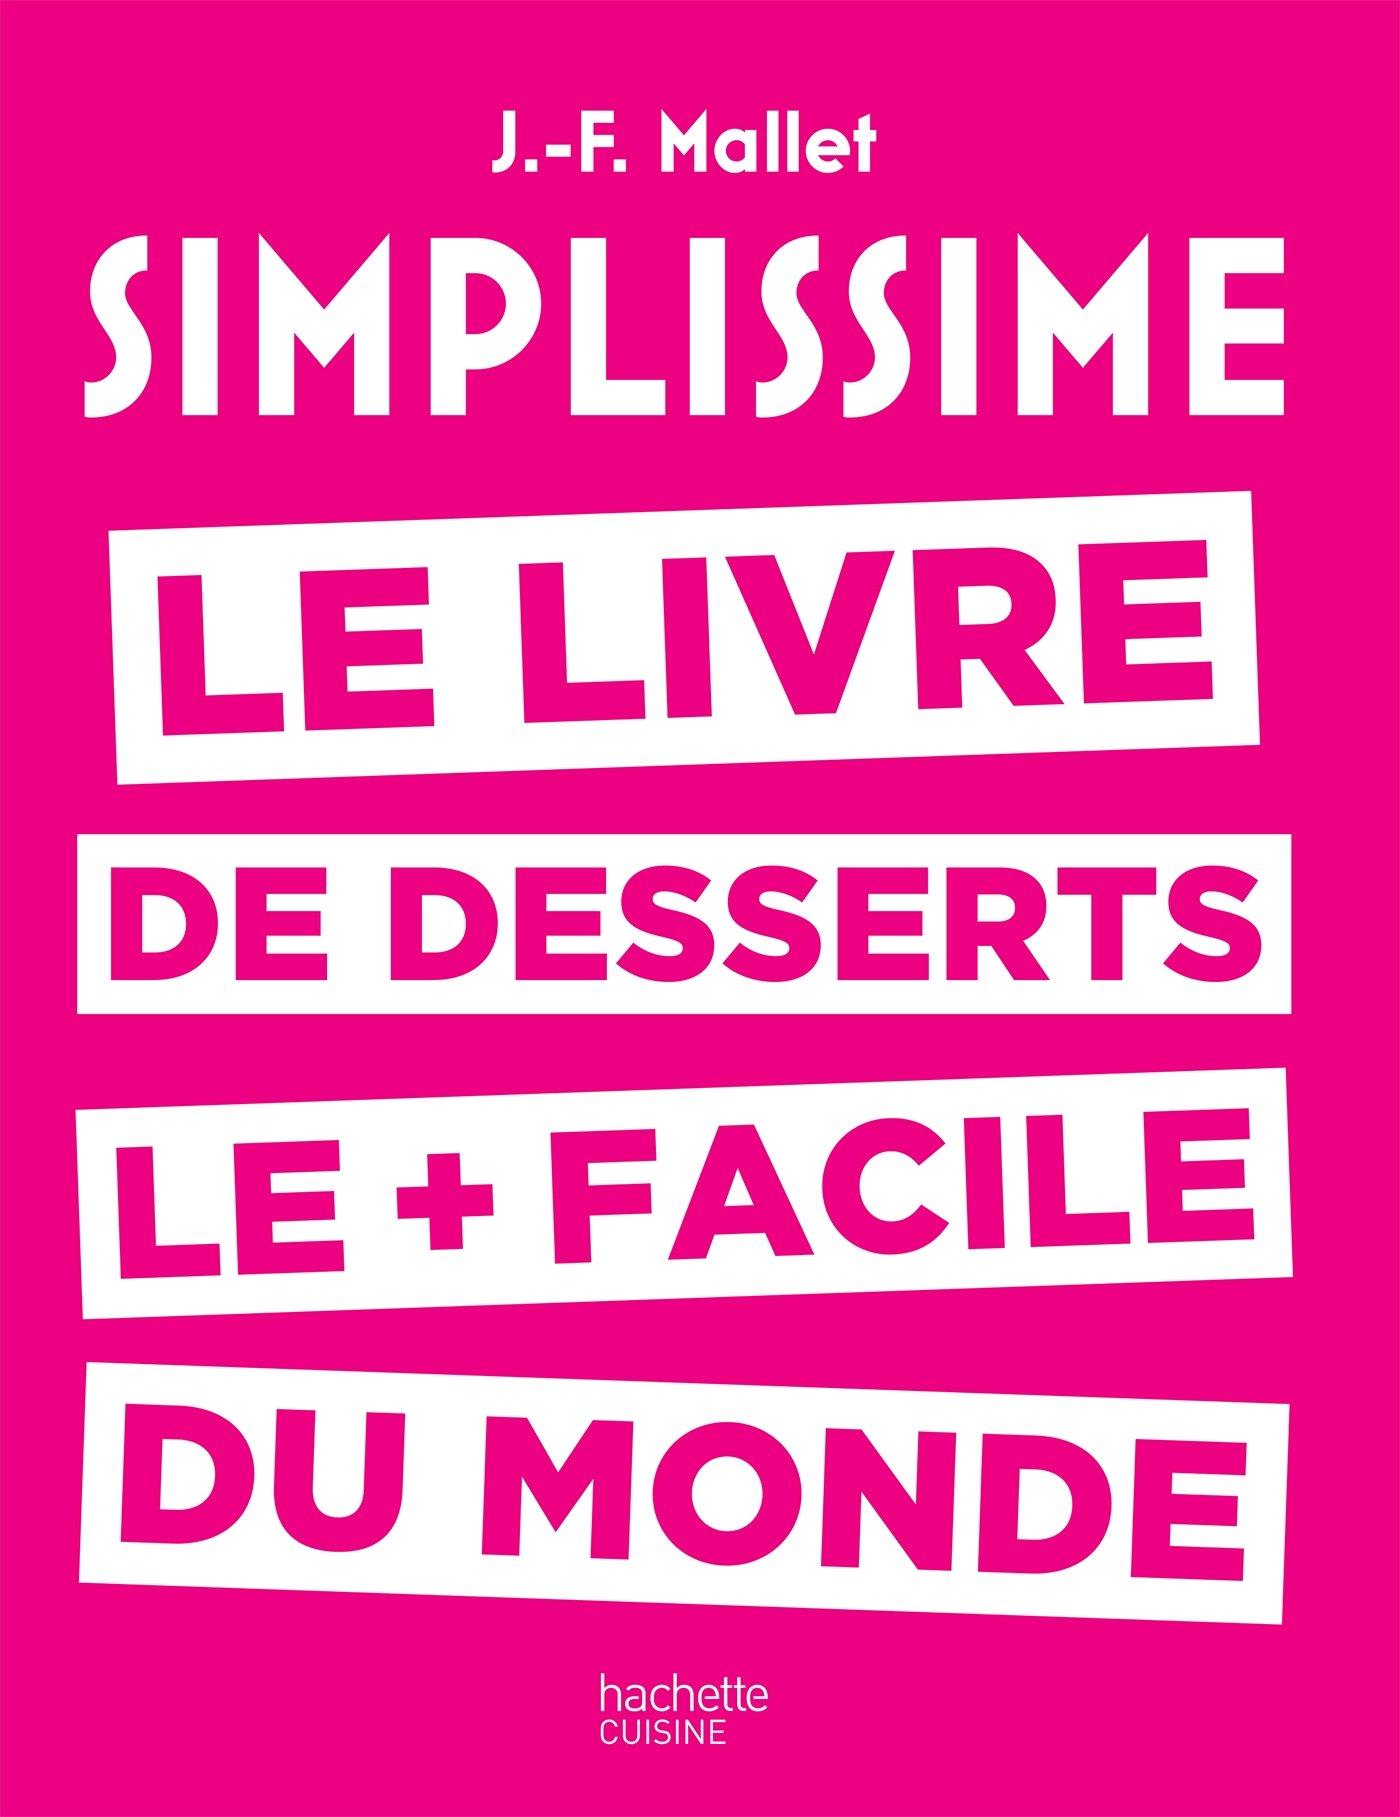 Download Simplissime desserts: Le livre des desserts les + faciles du monde (French Edition) ebook